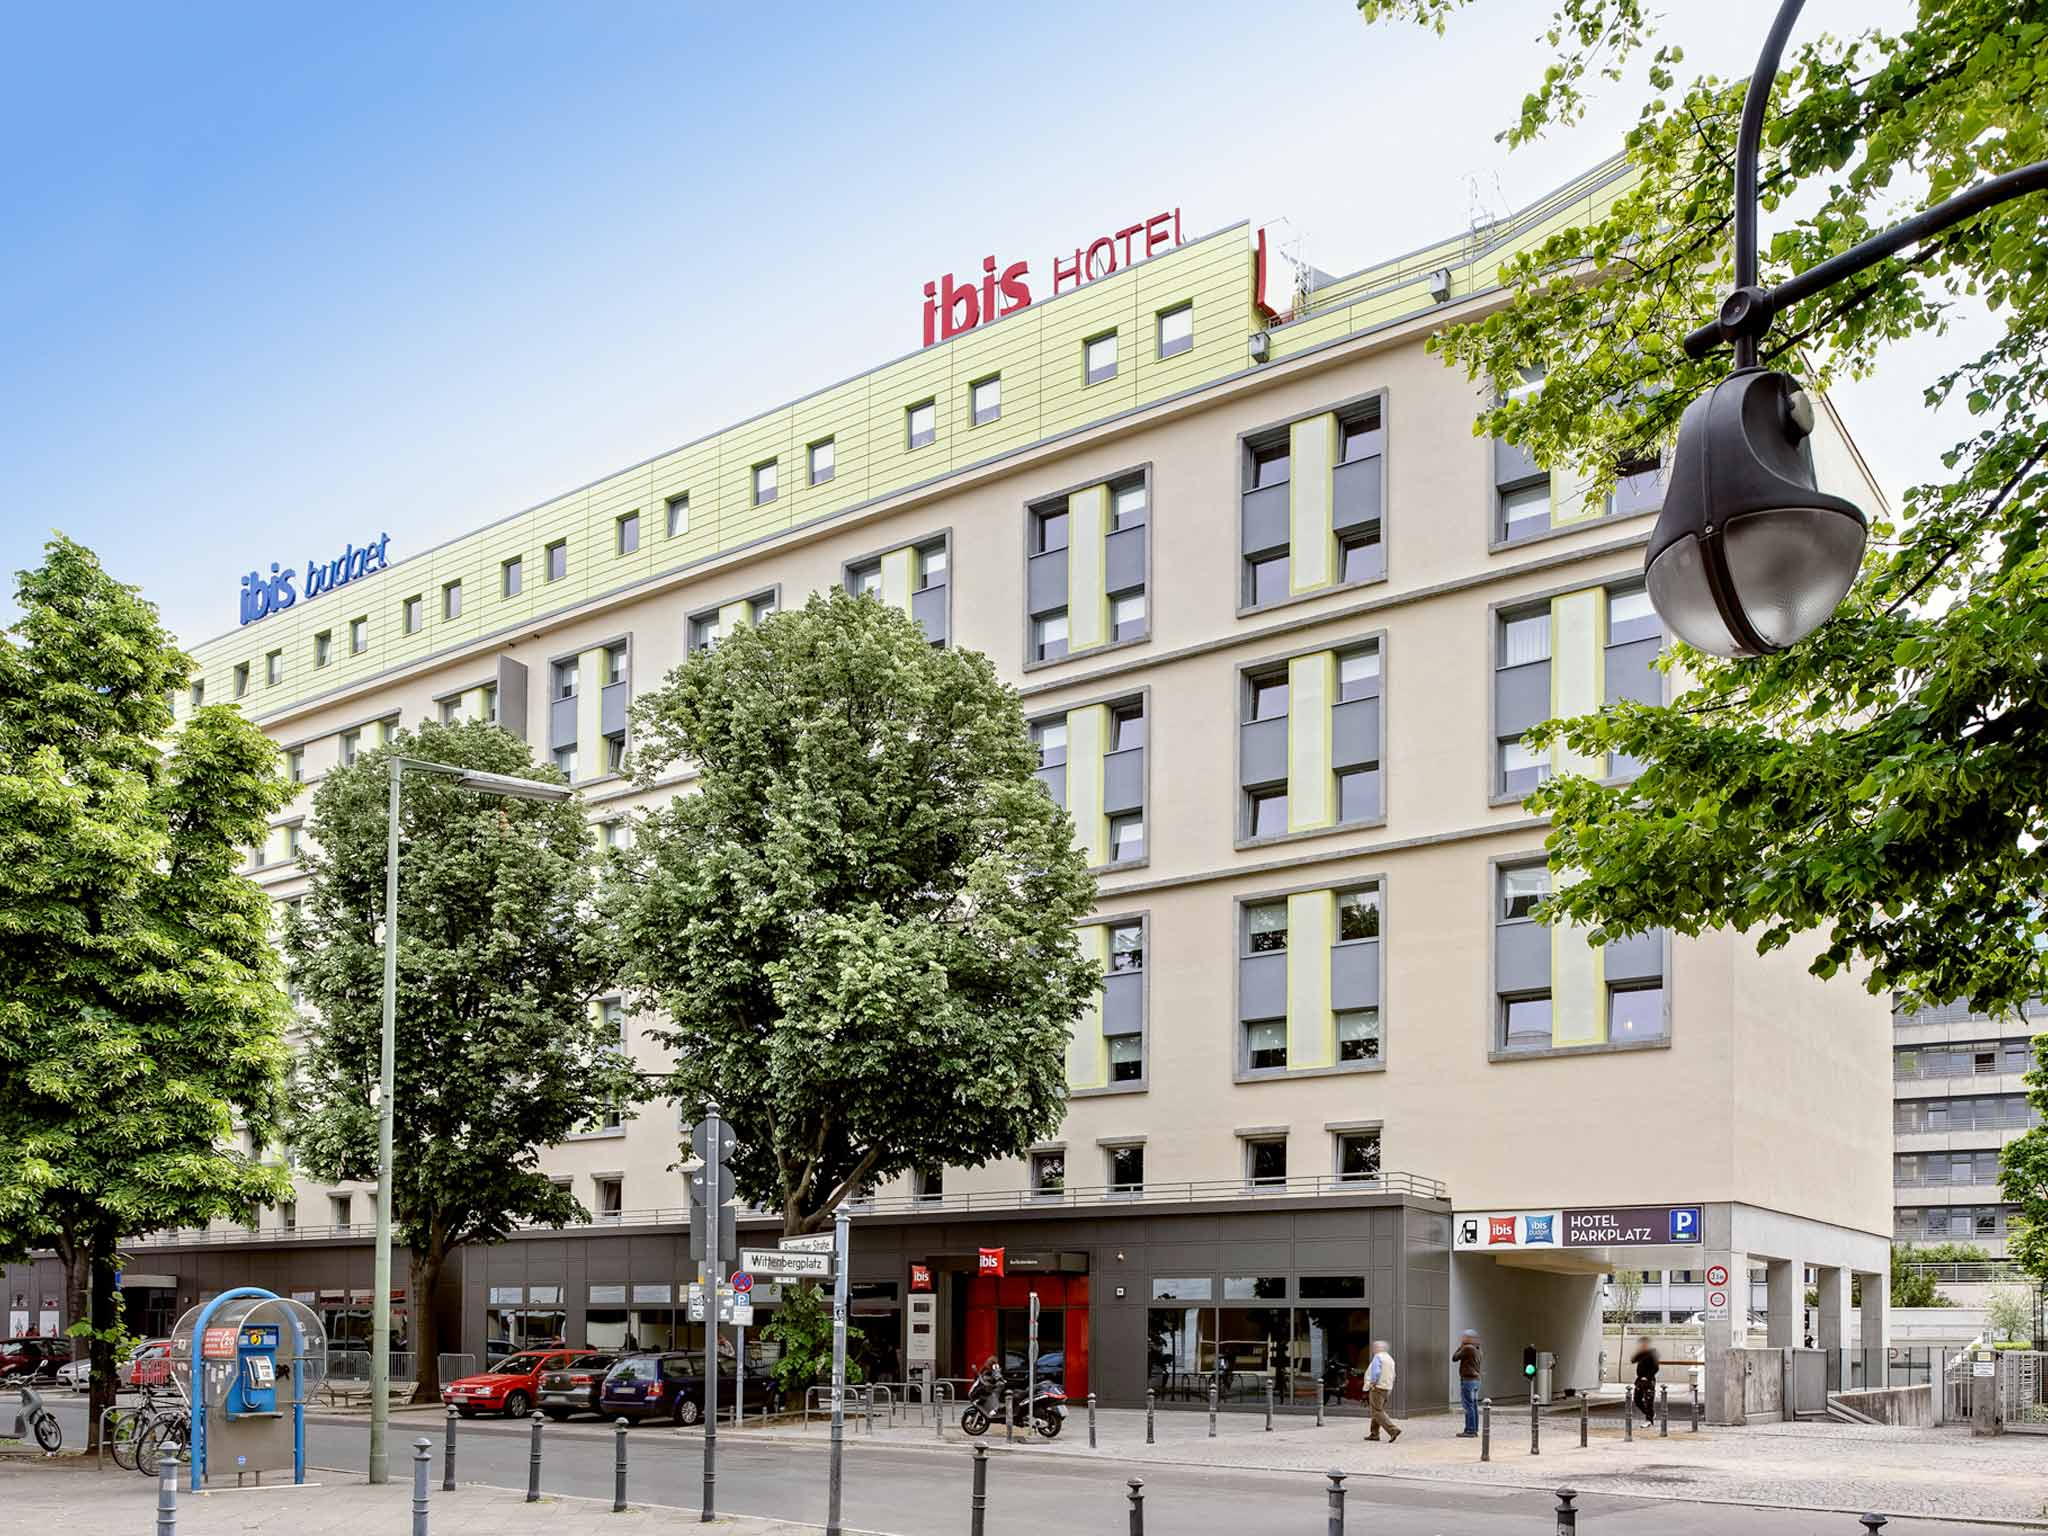 فندق - إيبيس بدجت ibis budget برلين كورفورستاندام